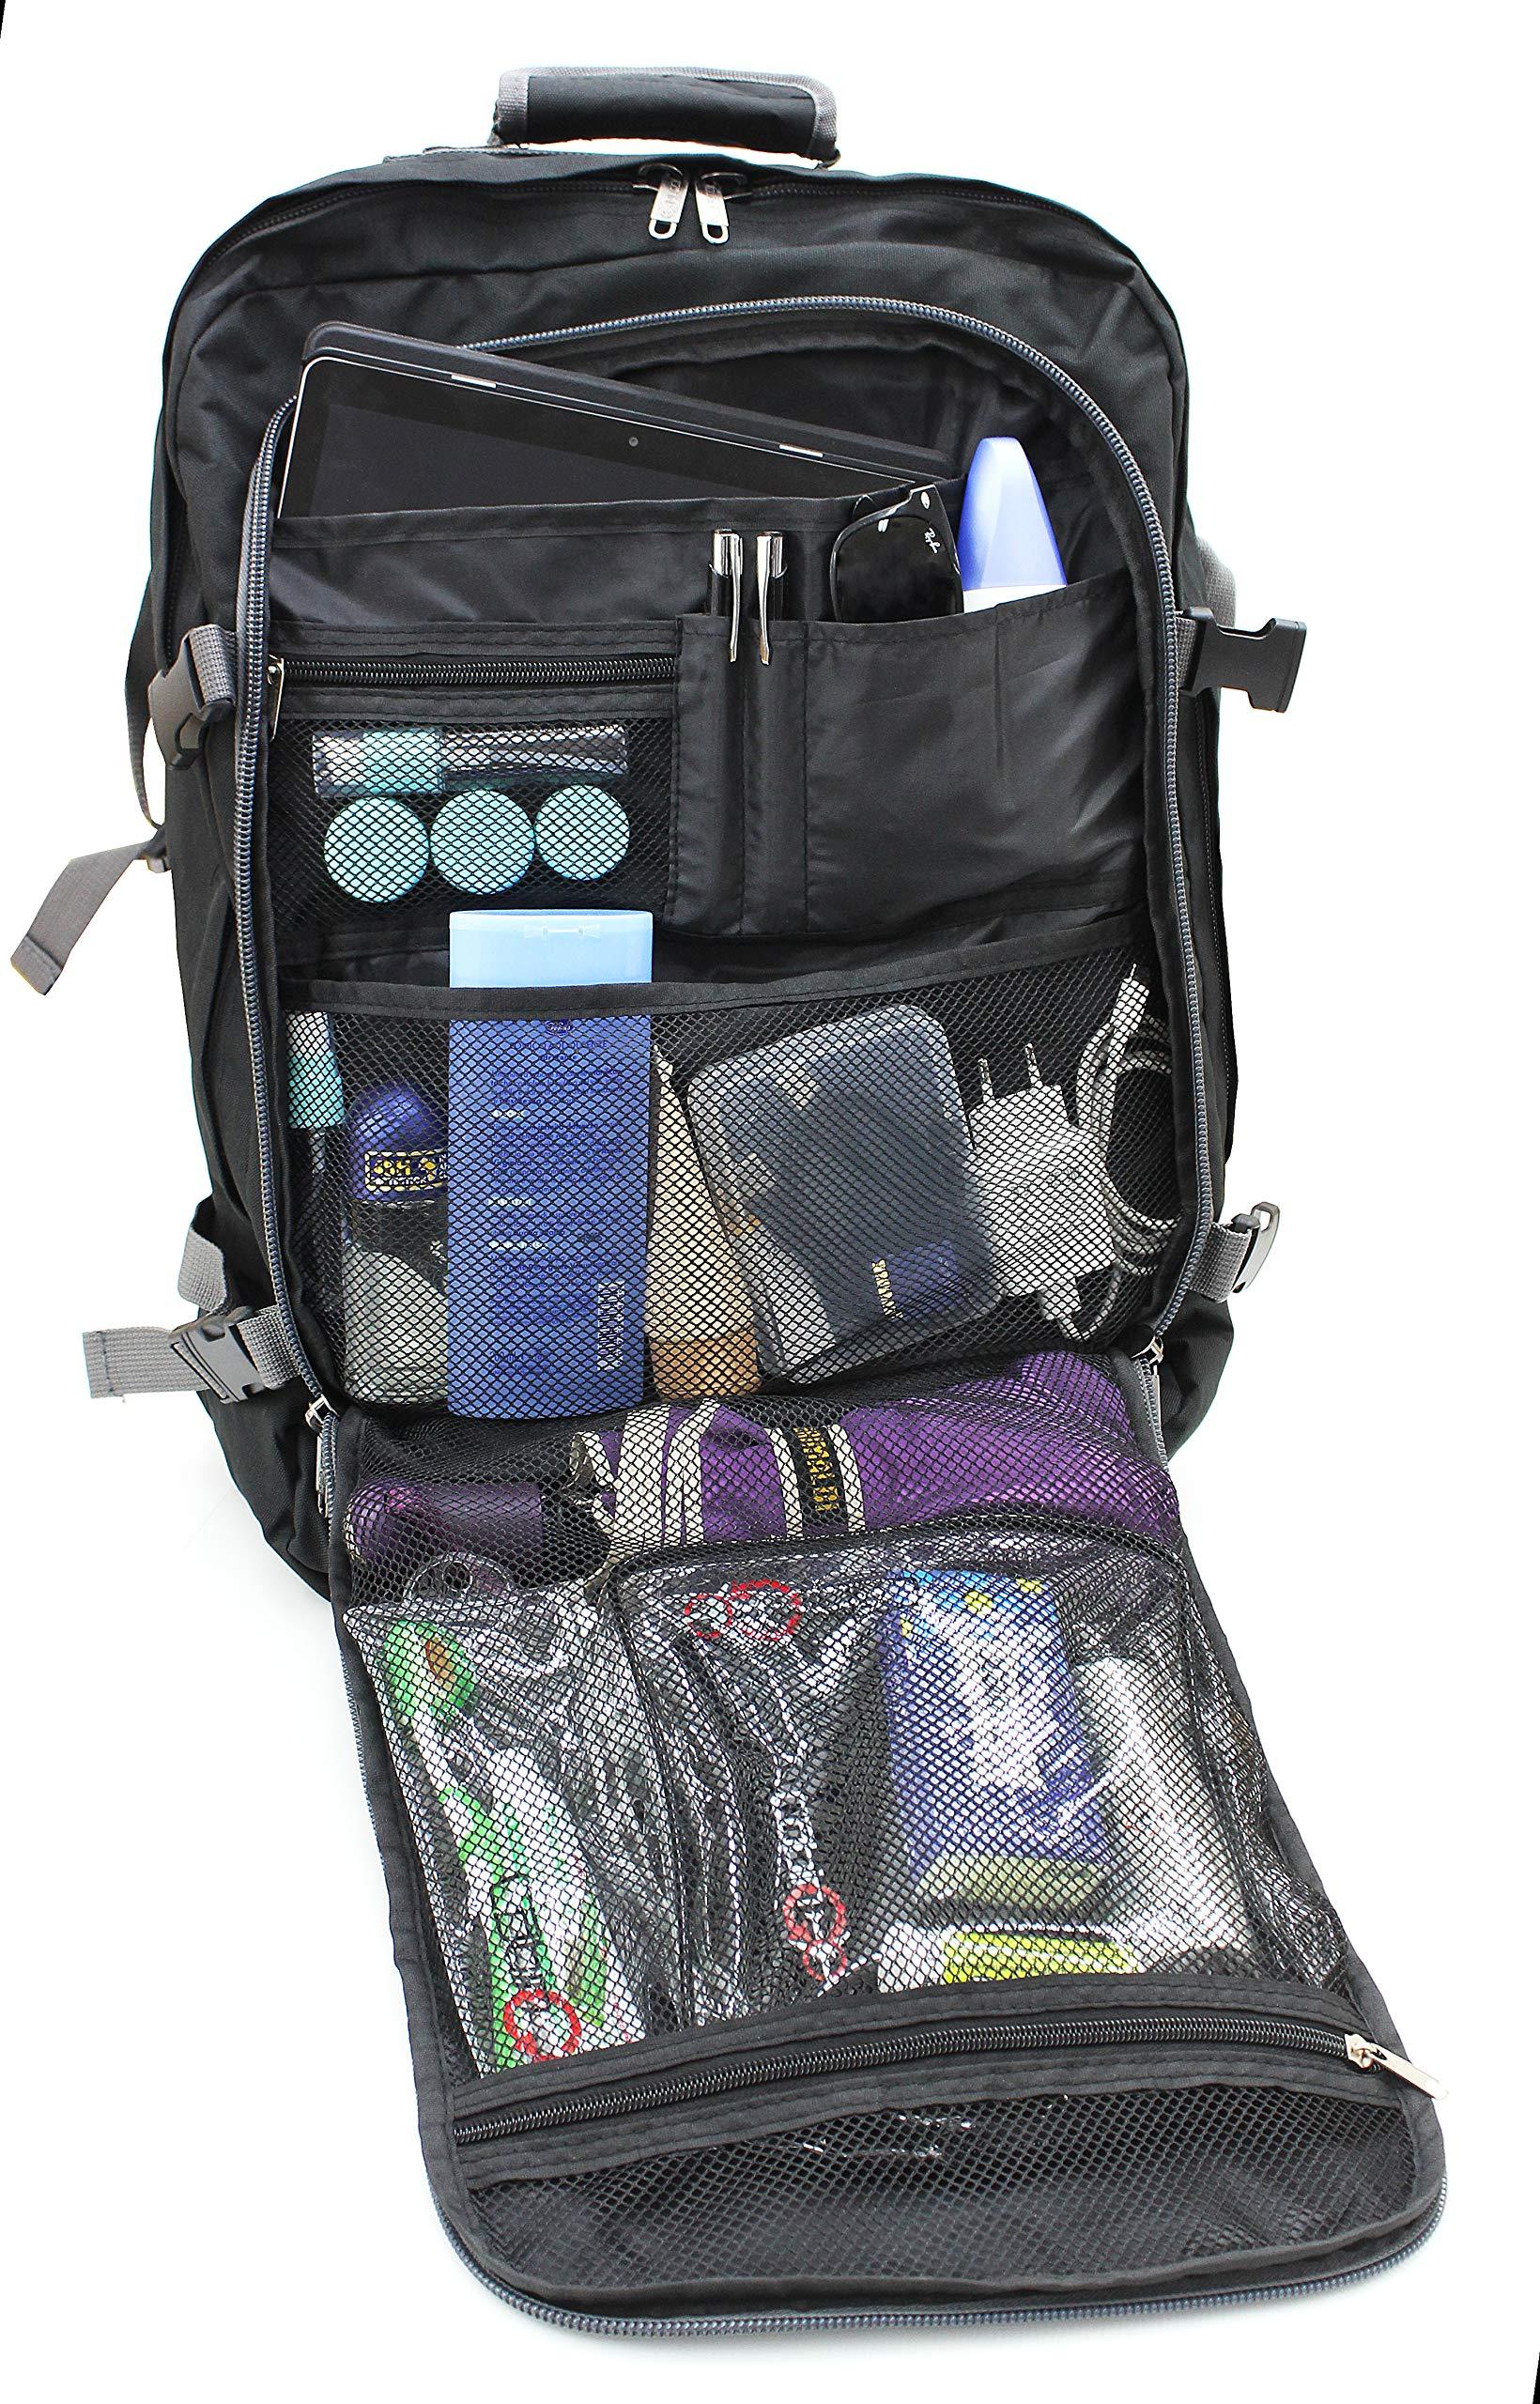 rivenditore di vendita 13aff 29cff CABIN GO cod. MAX 55 trolley - Zaino bagaglio a mano/cabina da viaggio  leggero. - 55 x 40 x 20 cm, 44 litri - con ruote. Approvato volo ...